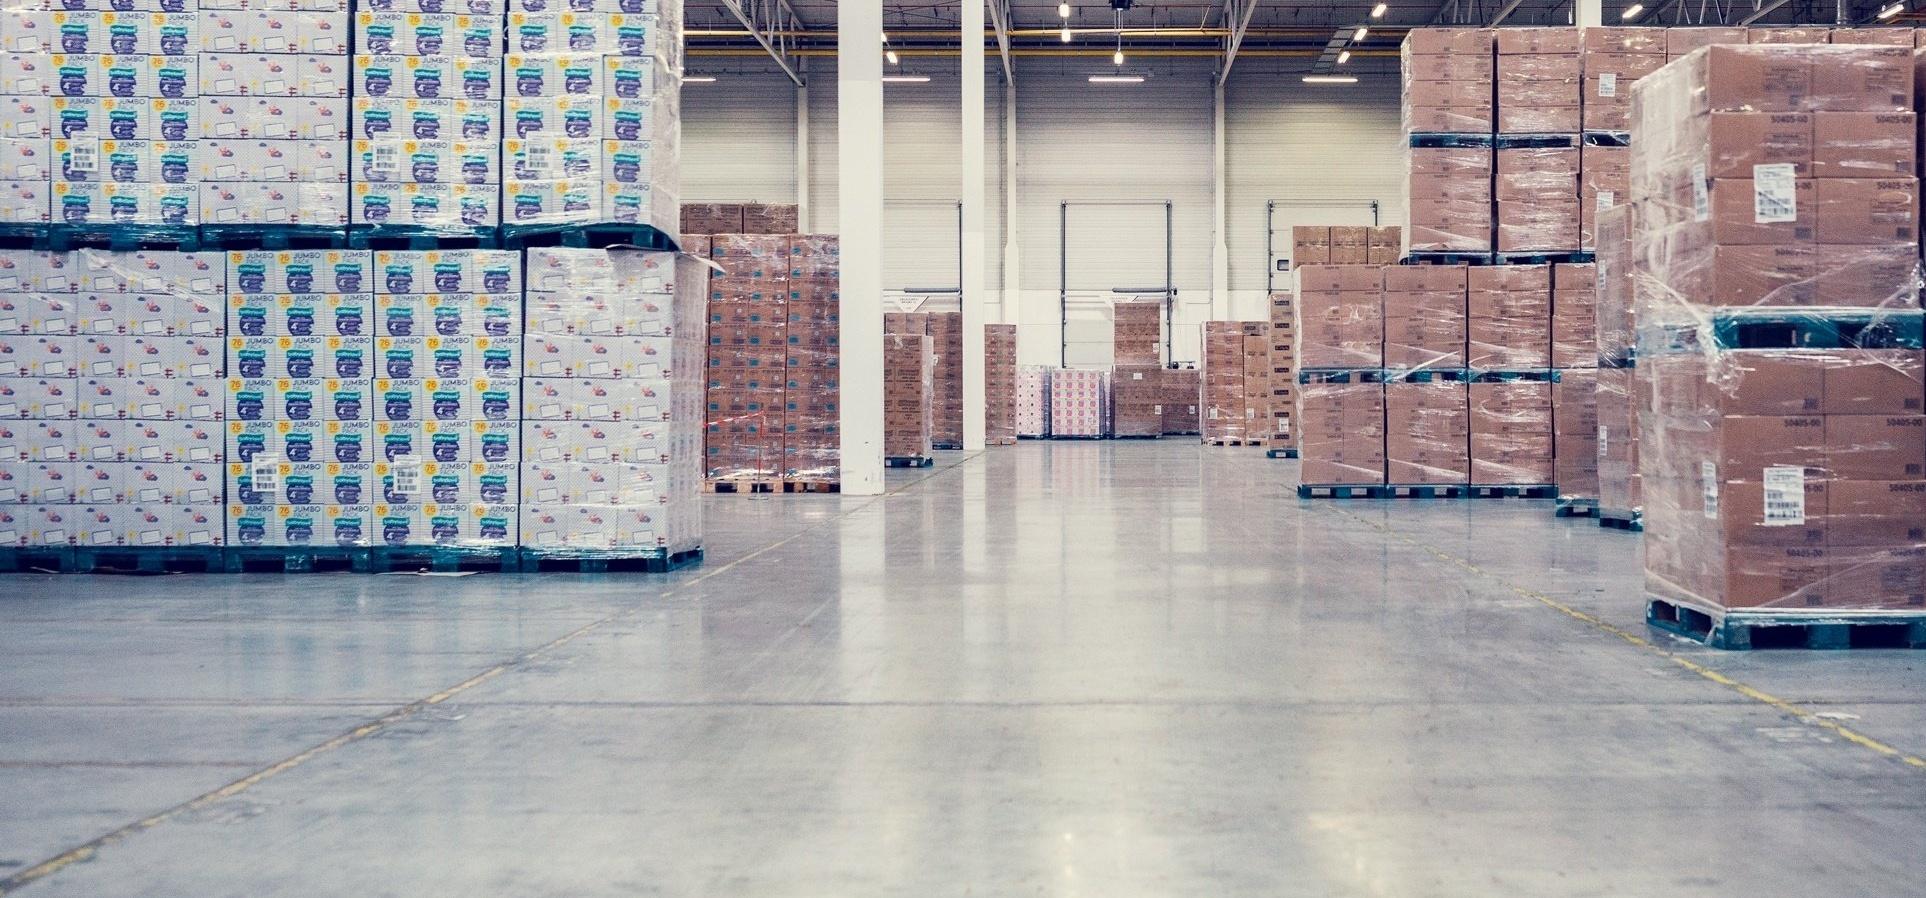 Consumer Goods Konsumgüterbereich dynamische Branche